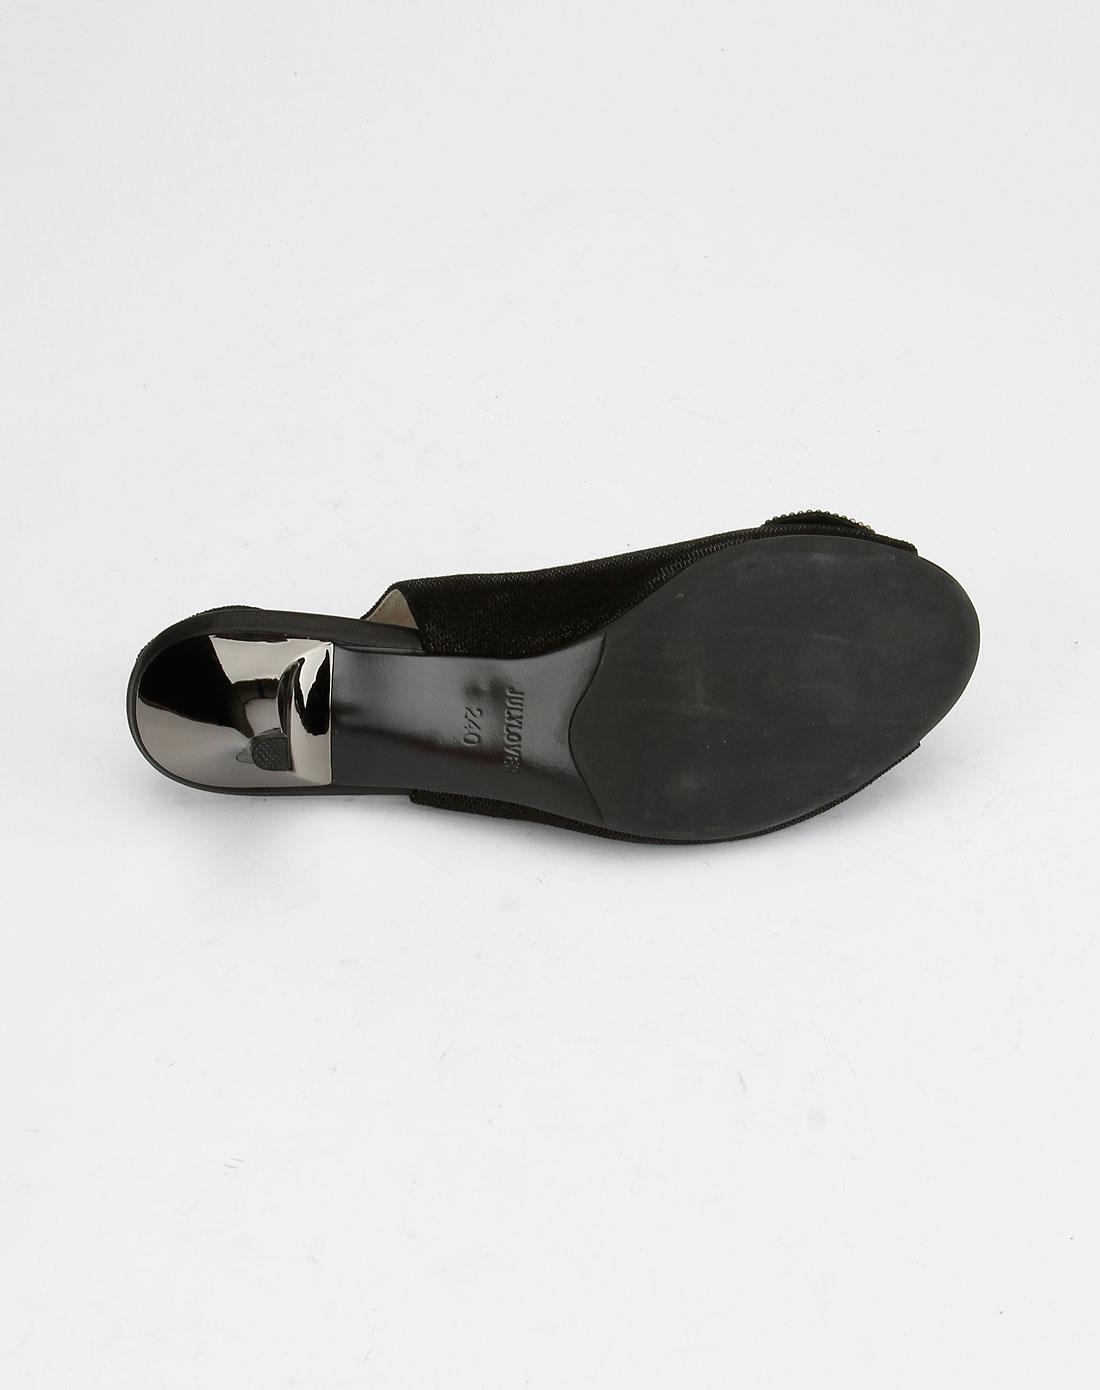 七月恋人julylover黑色水晶贴花时尚高跟凉鞋